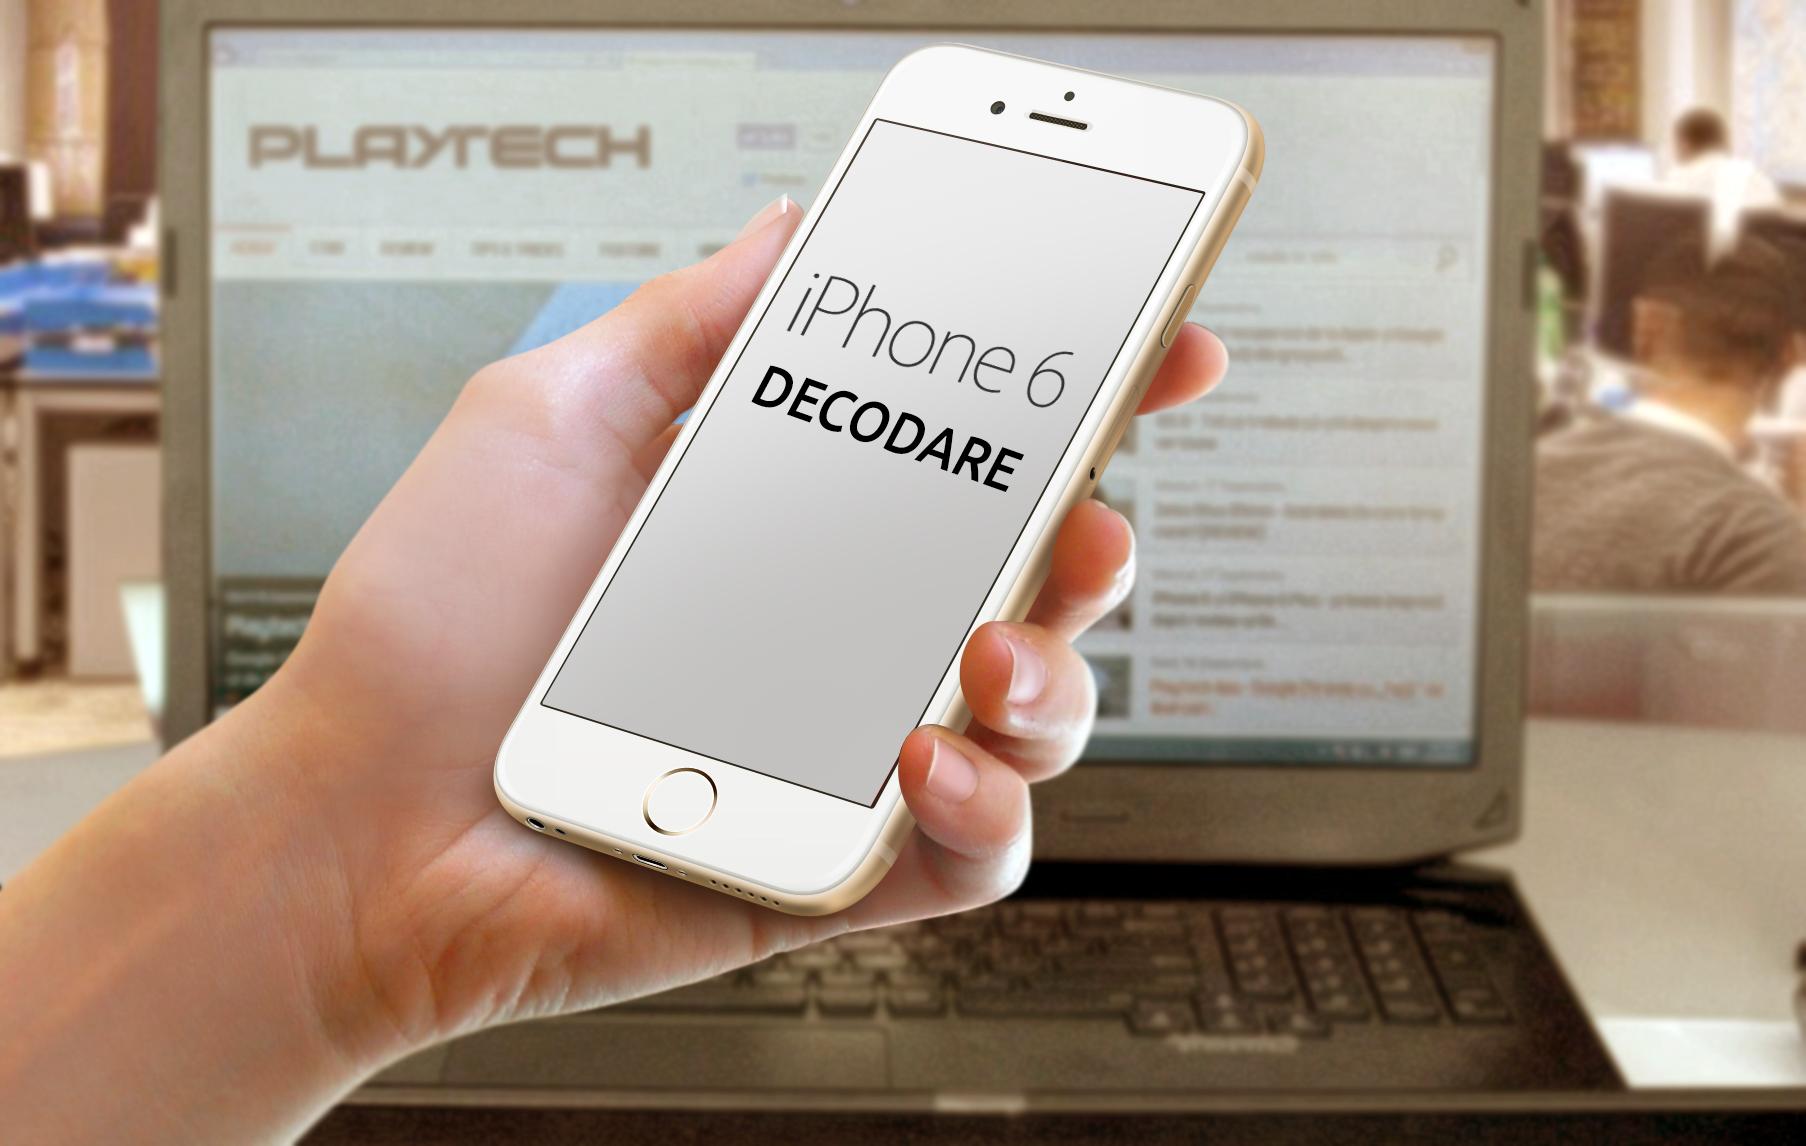 iPhone 6 decodare: Soluții să folosești telefonul cu orice SIM